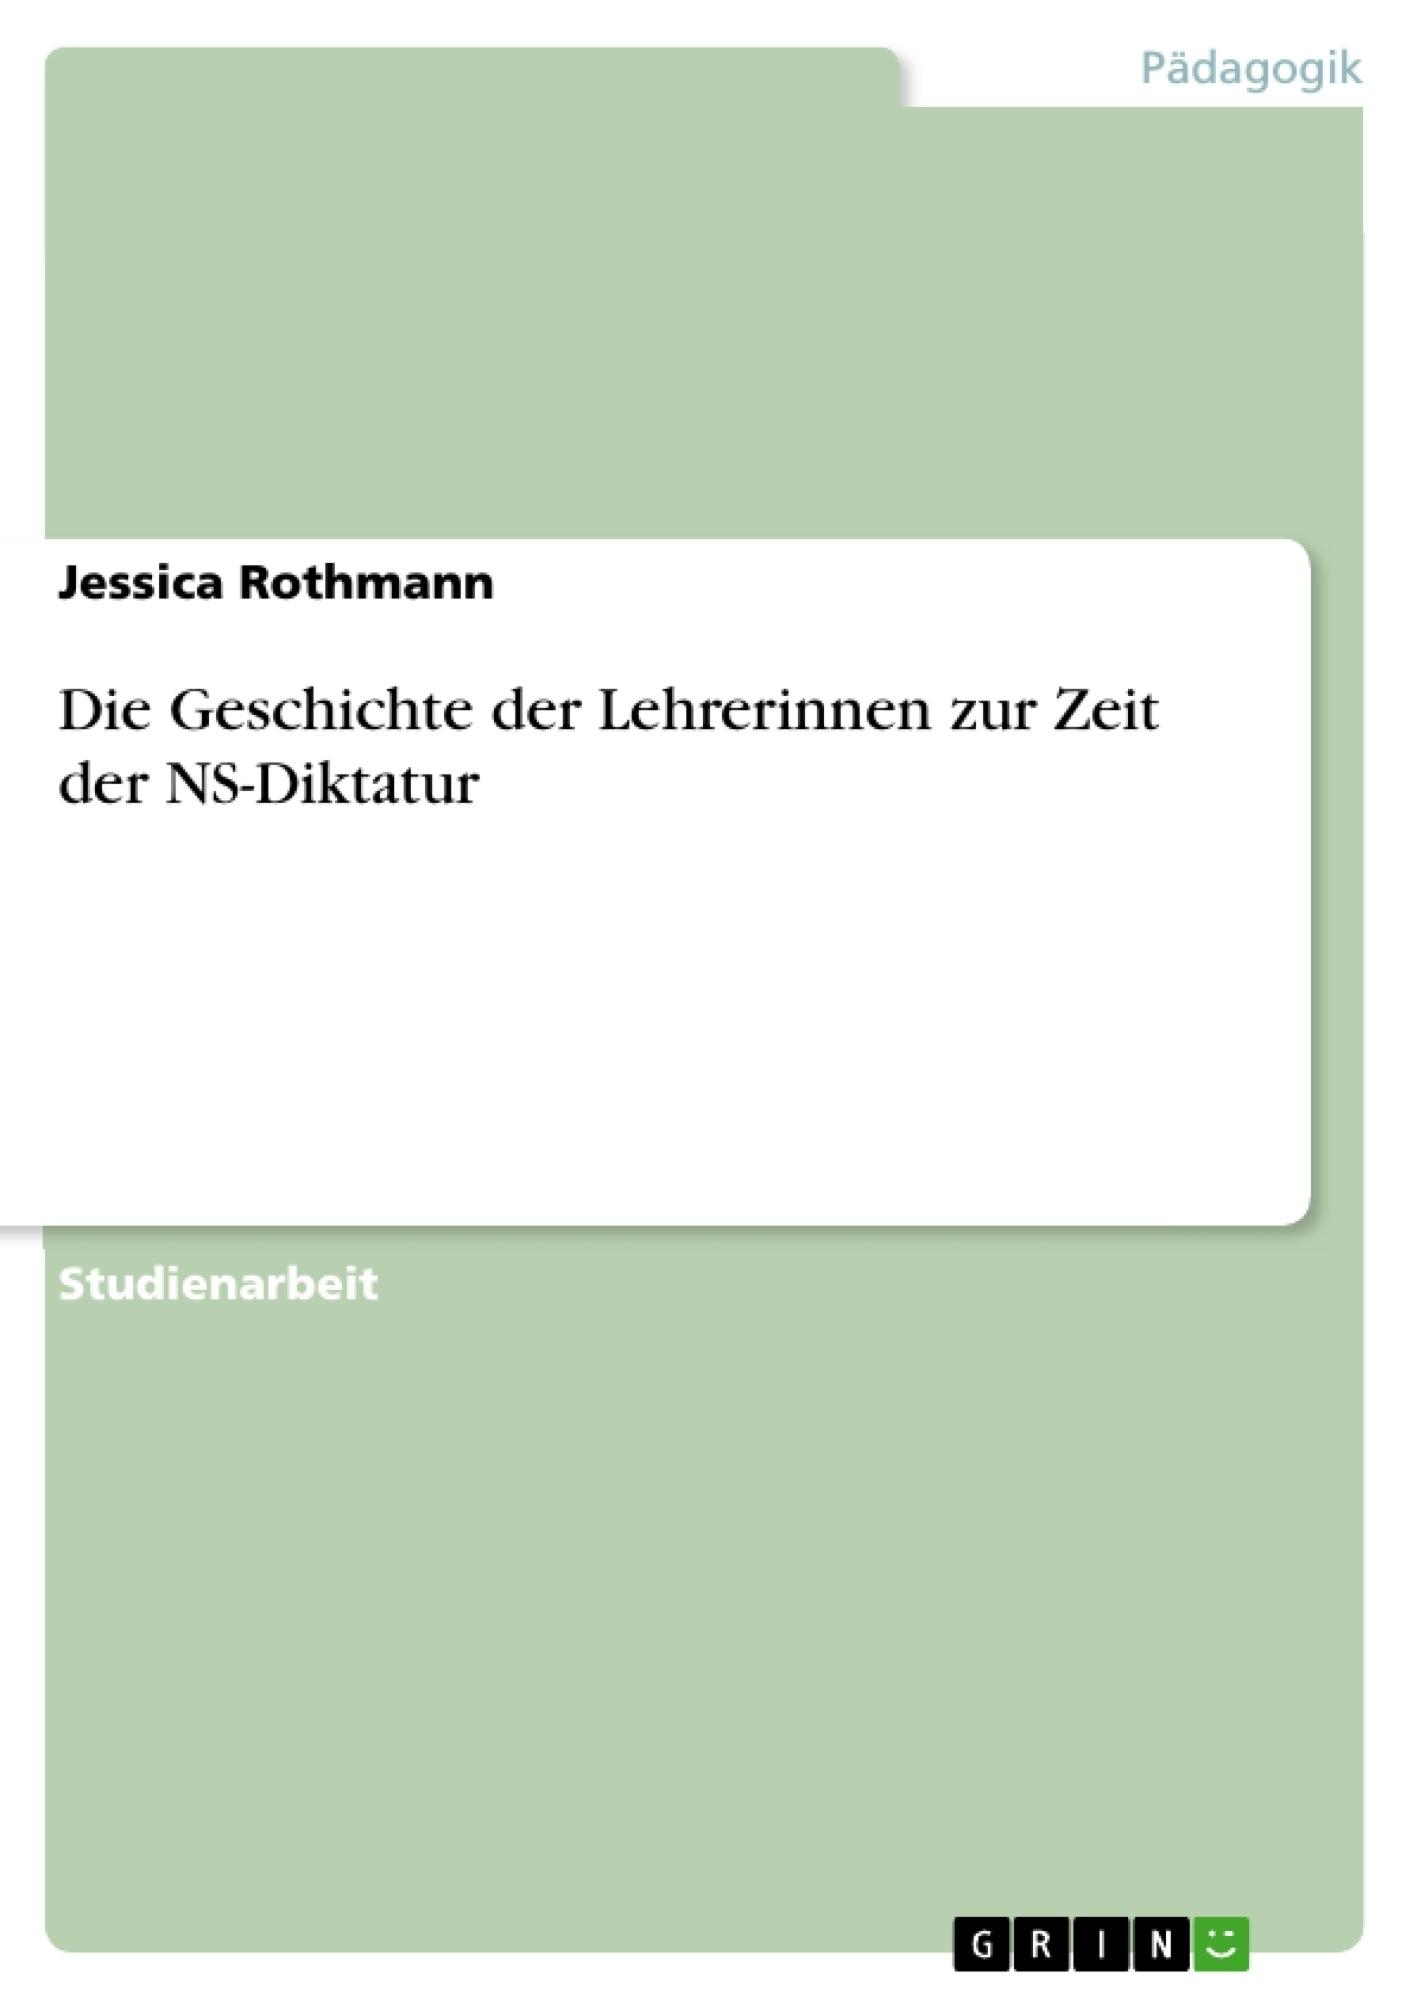 Titel: Die Geschichte der Lehrerinnen zur Zeit der NS-Diktatur